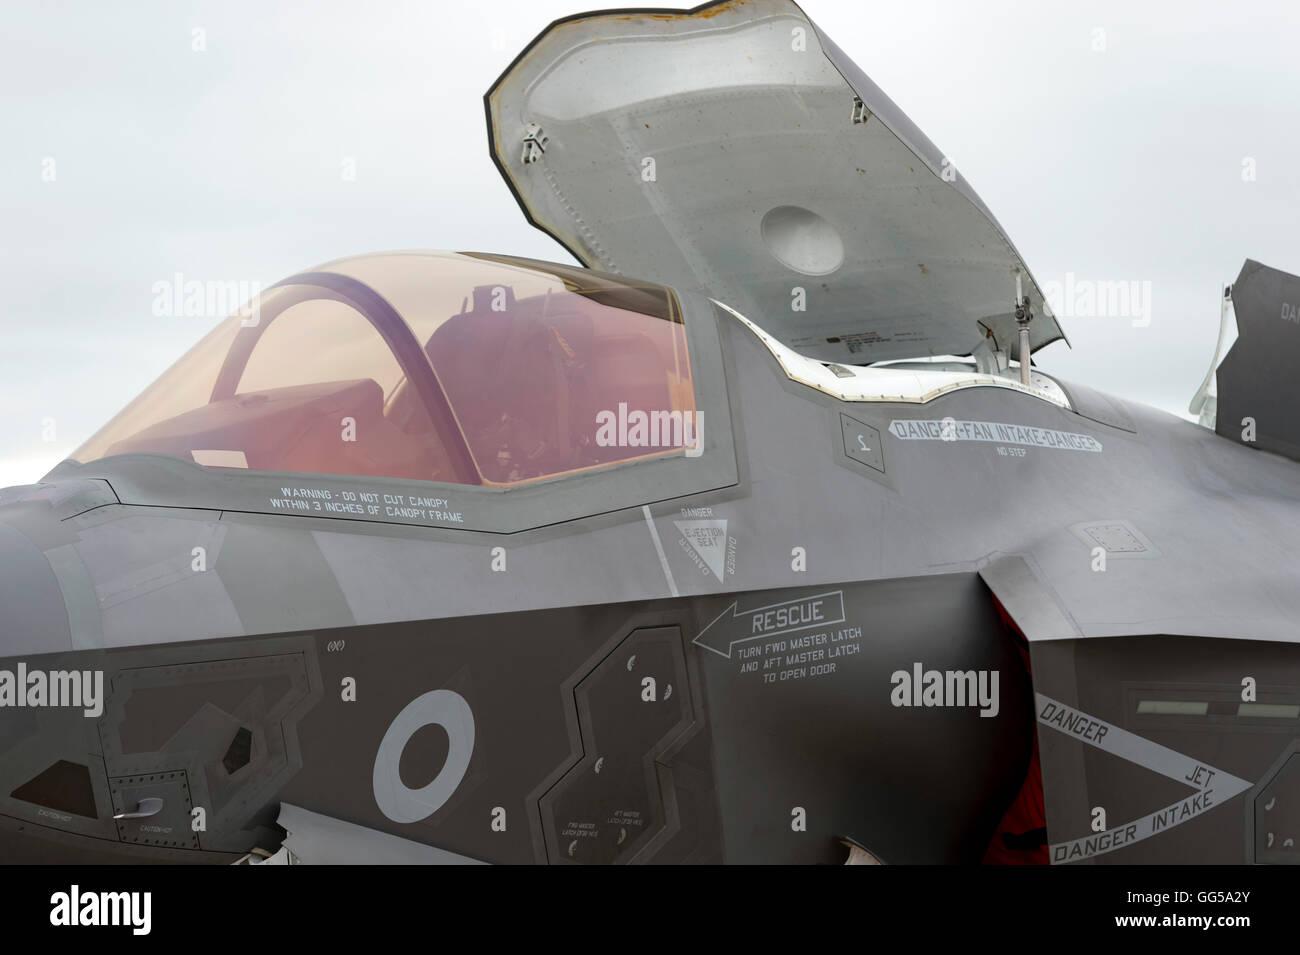 F35B Lightning II Royal Navy/Royal Air Force at Royal International air Tattoo 2016 - Stock Image